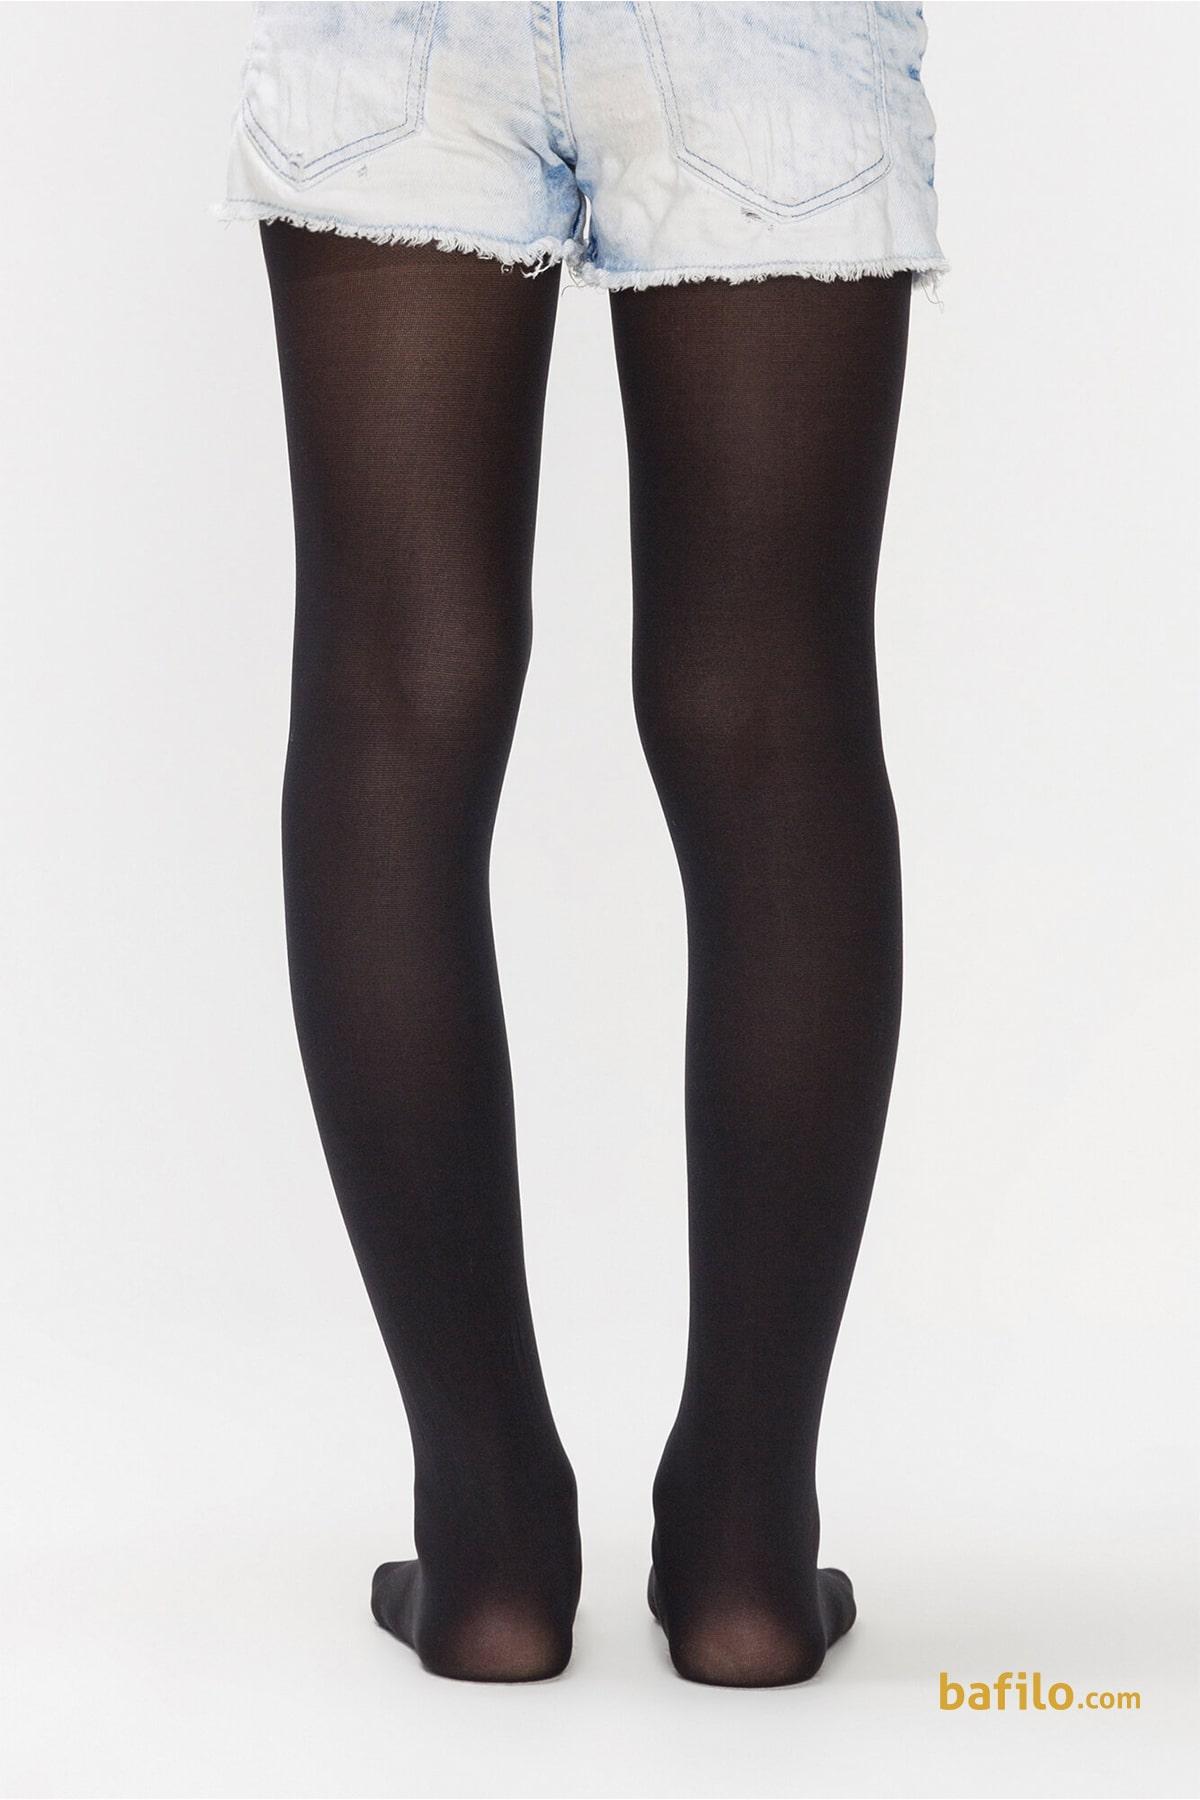 جوراب شلواری ساده دخترانه پنتی Mikro 40 - مشکی